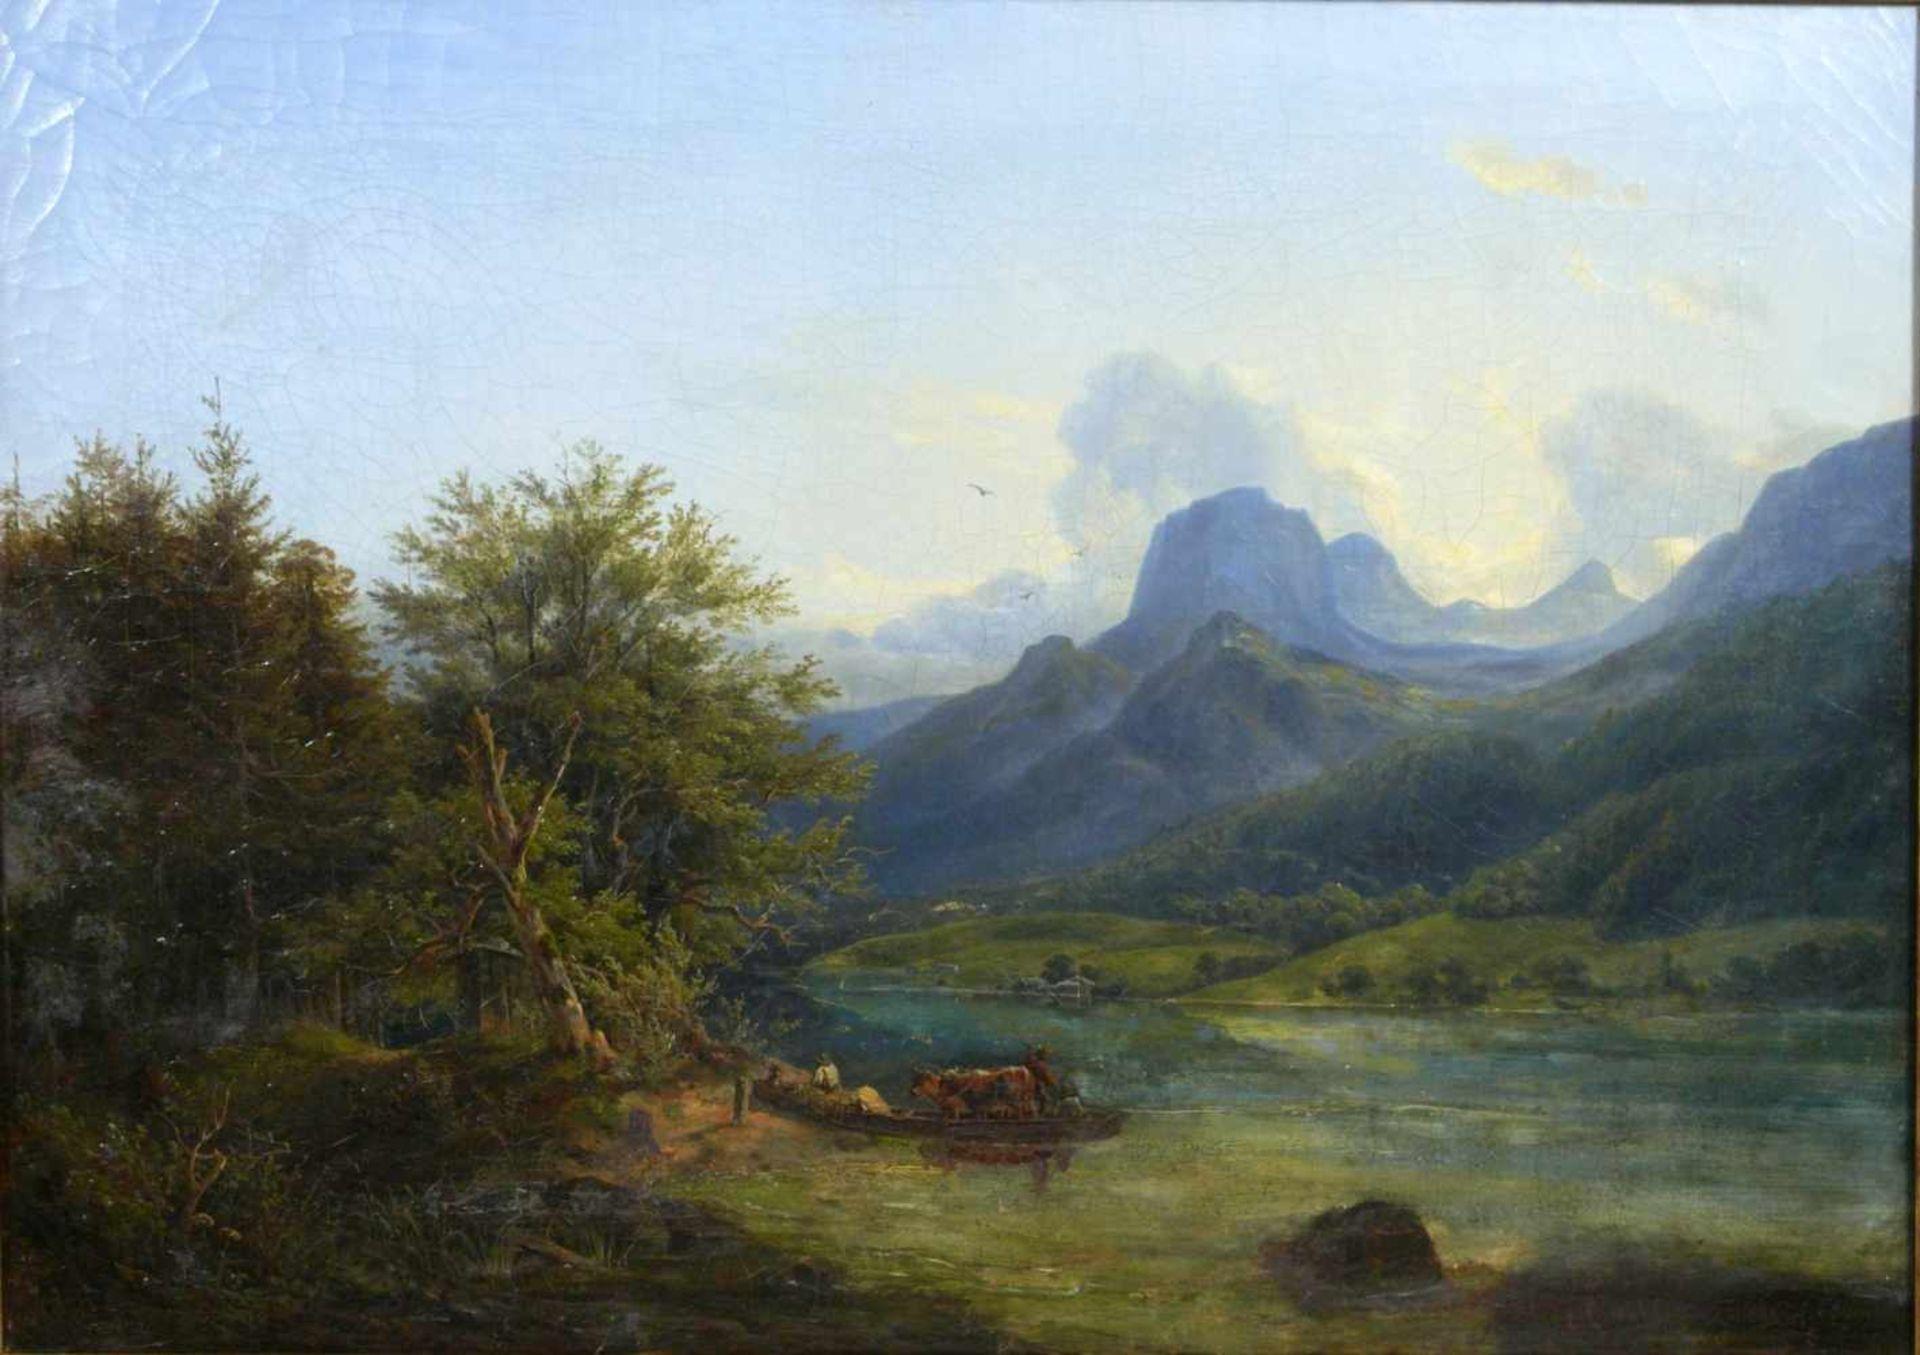 Ott, Johann Nepomuk (1804 - 1870) - Der Hintersee bei Berchtesgaden 1842Landschaftliche - Bild 2 aus 6